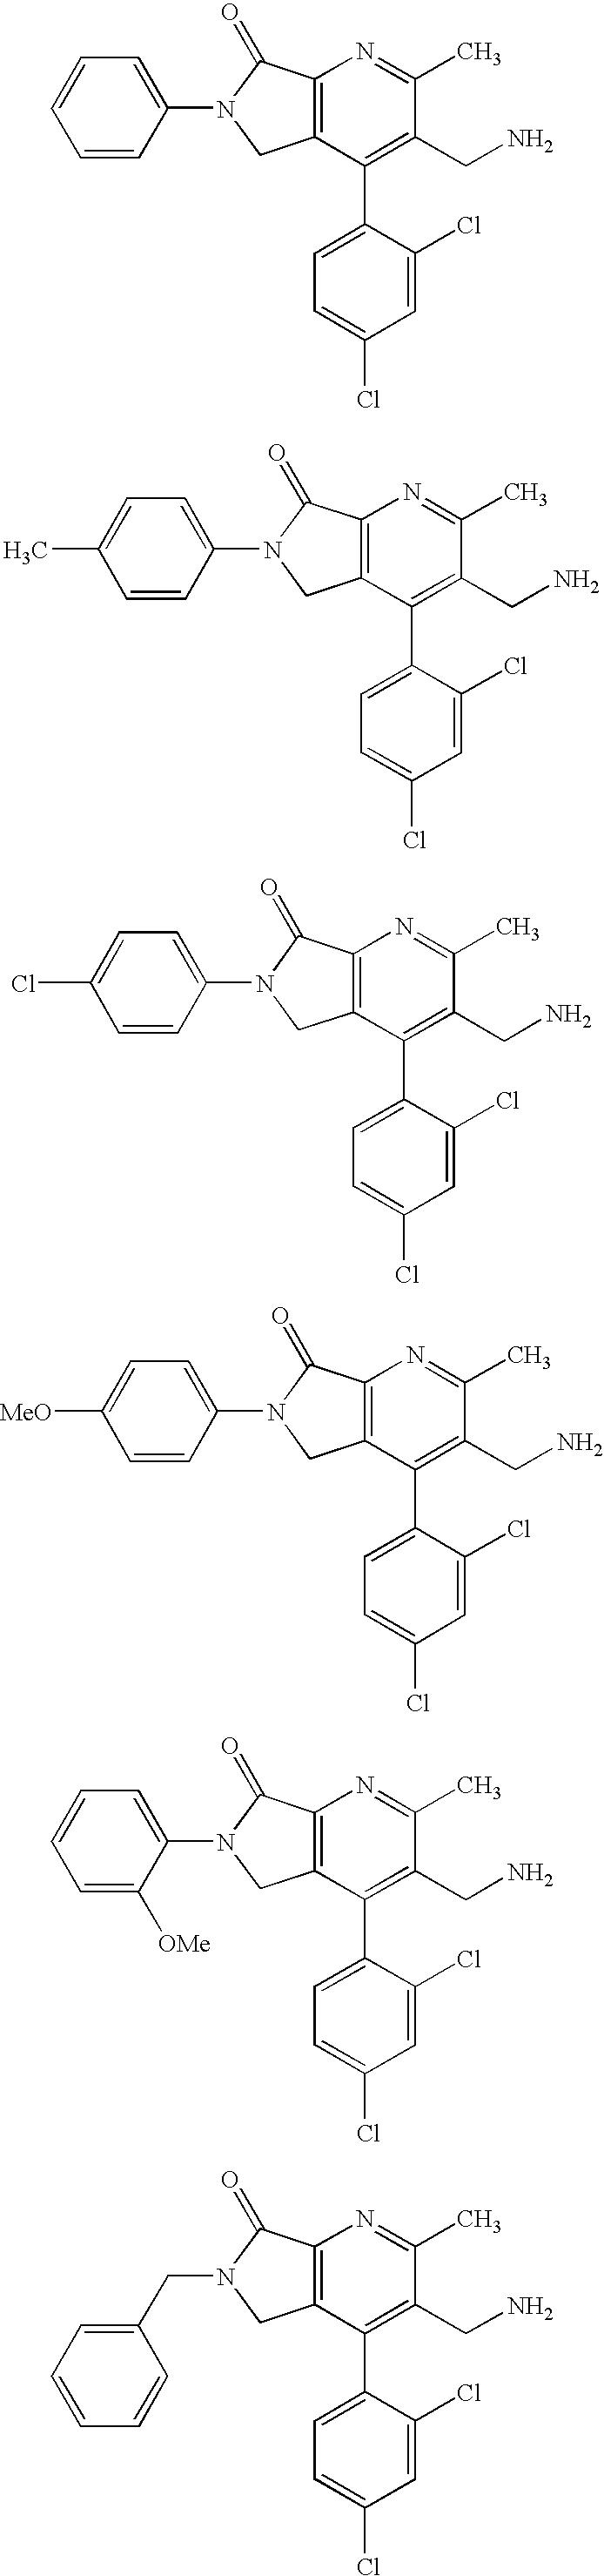 Figure US07521557-20090421-C00303